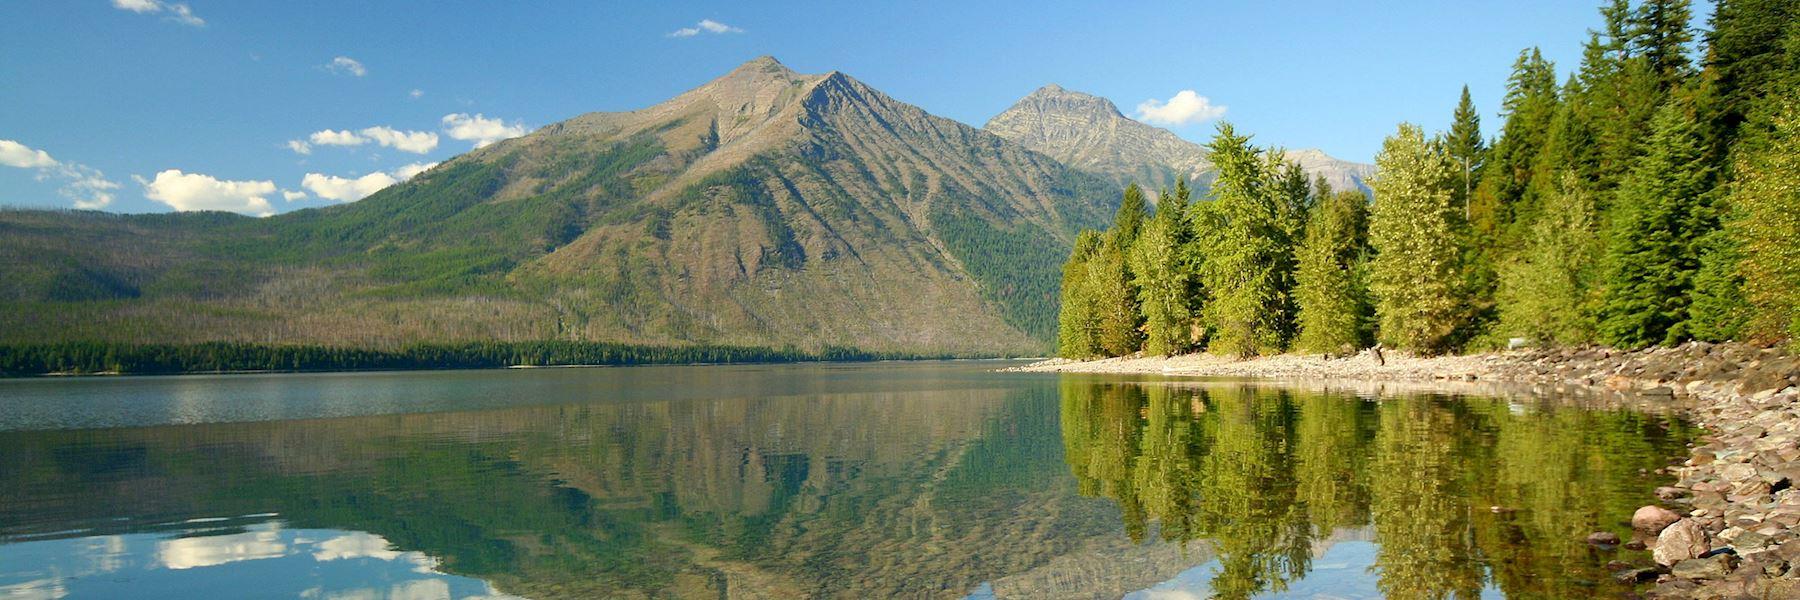 Visit Glacier National Park, USA